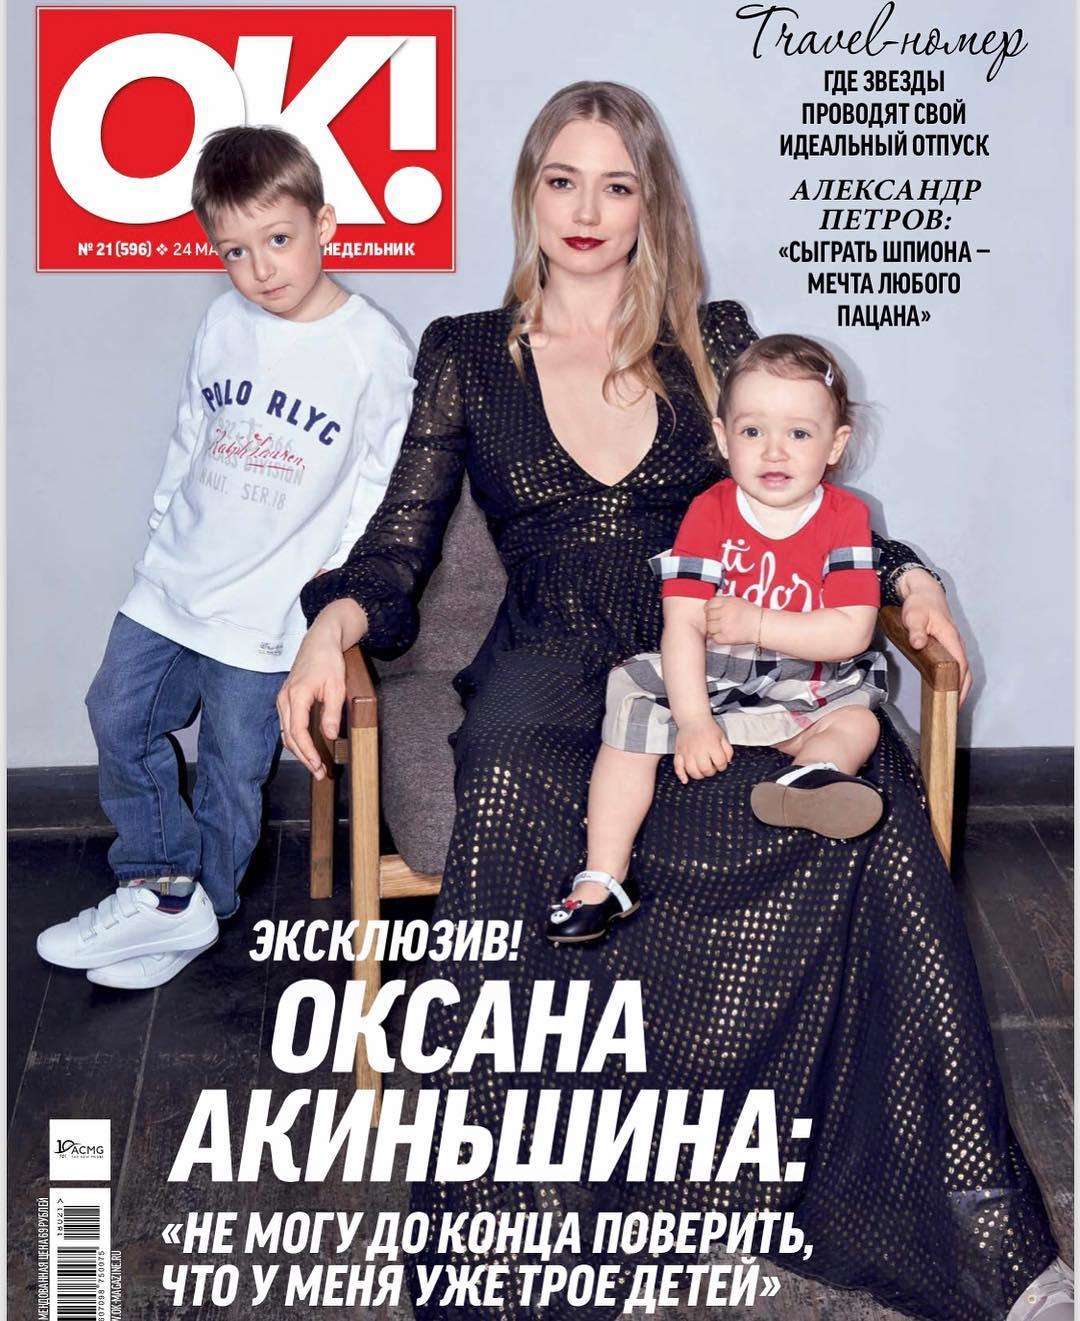 Оксана Акиньшина назвала свою дочку очень редким (для нас) именем